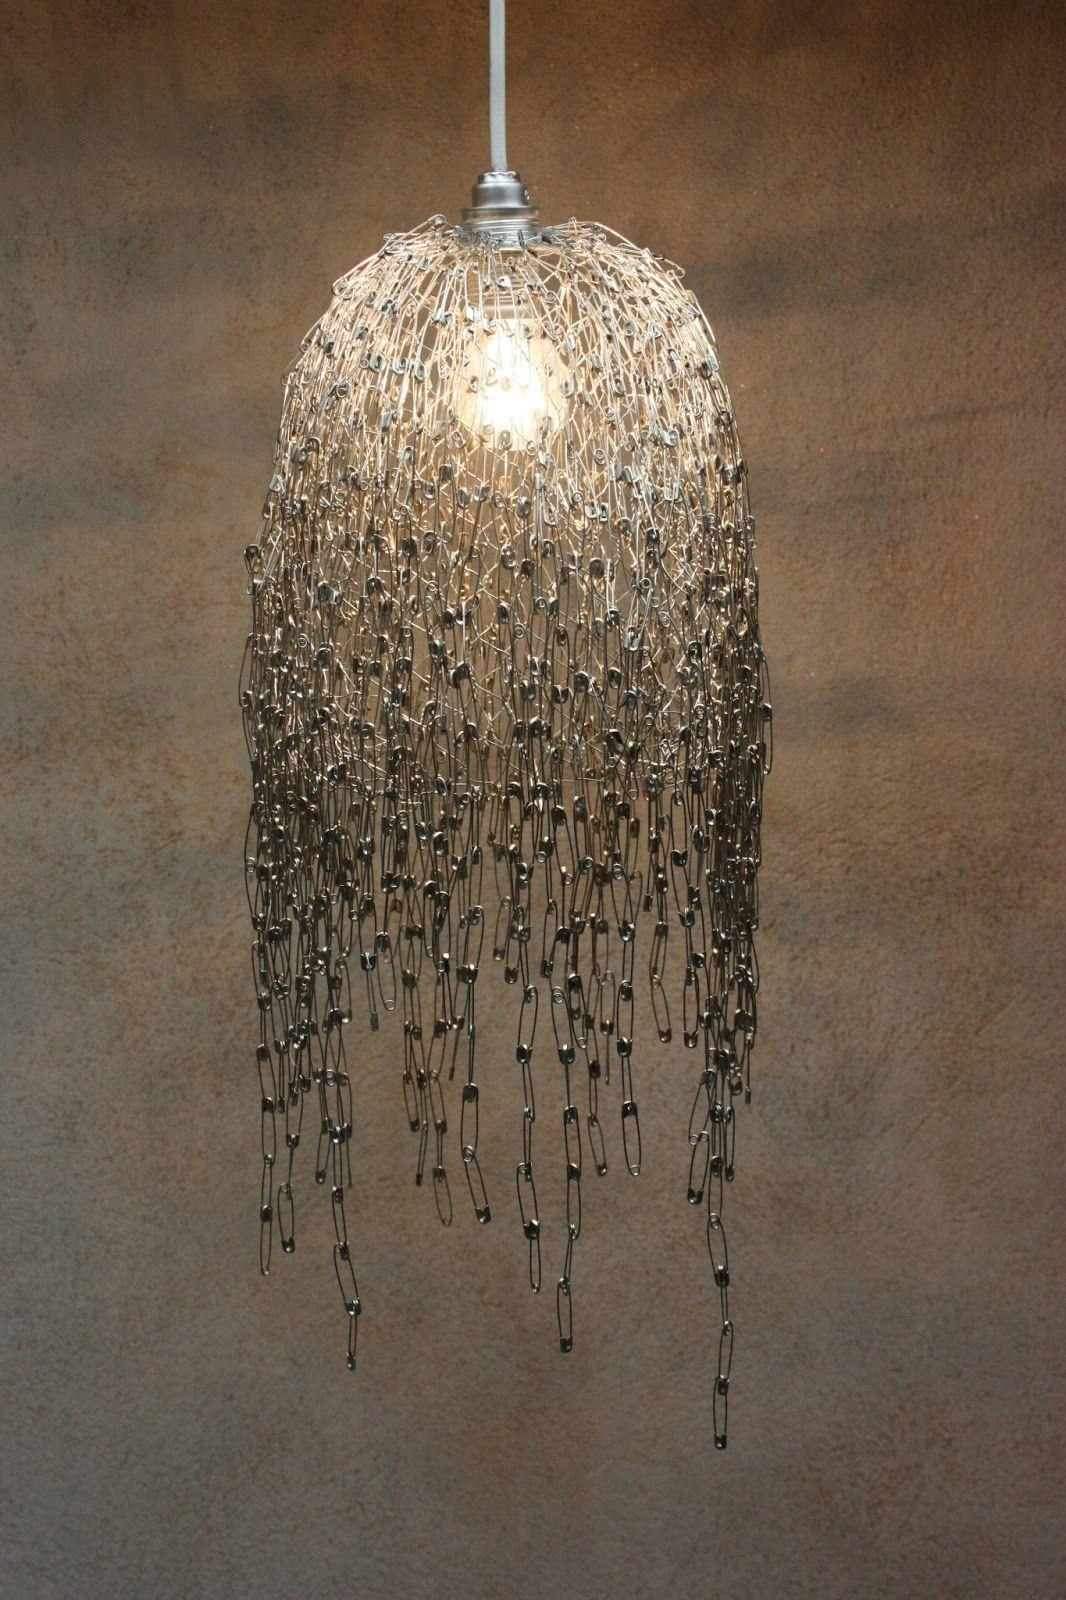 Applique 21893/2 applique a due luci con fiori decorati a mano. Inspire Me Diy Safety Pin Lamp Lampadario Fatto A Mano Spille Da Balia Idee Per L Illuminazione